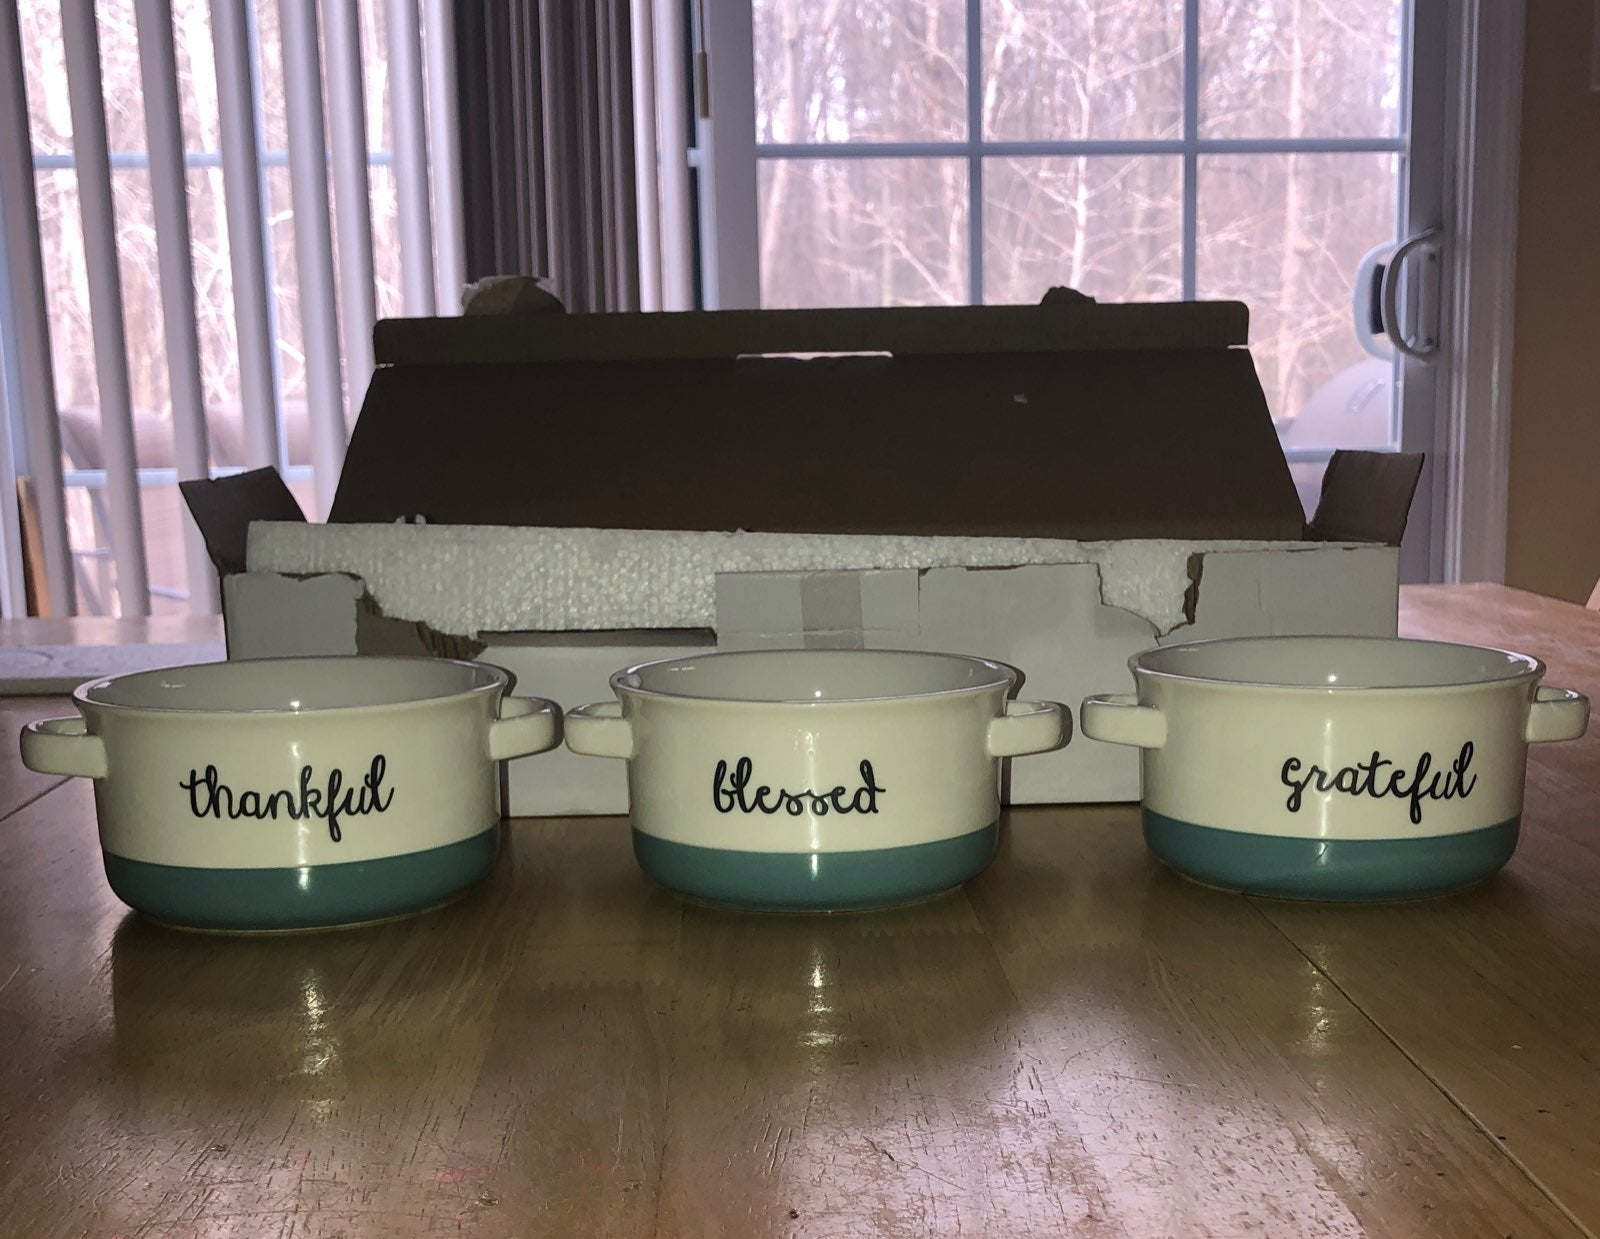 Set of Ceramic bowls